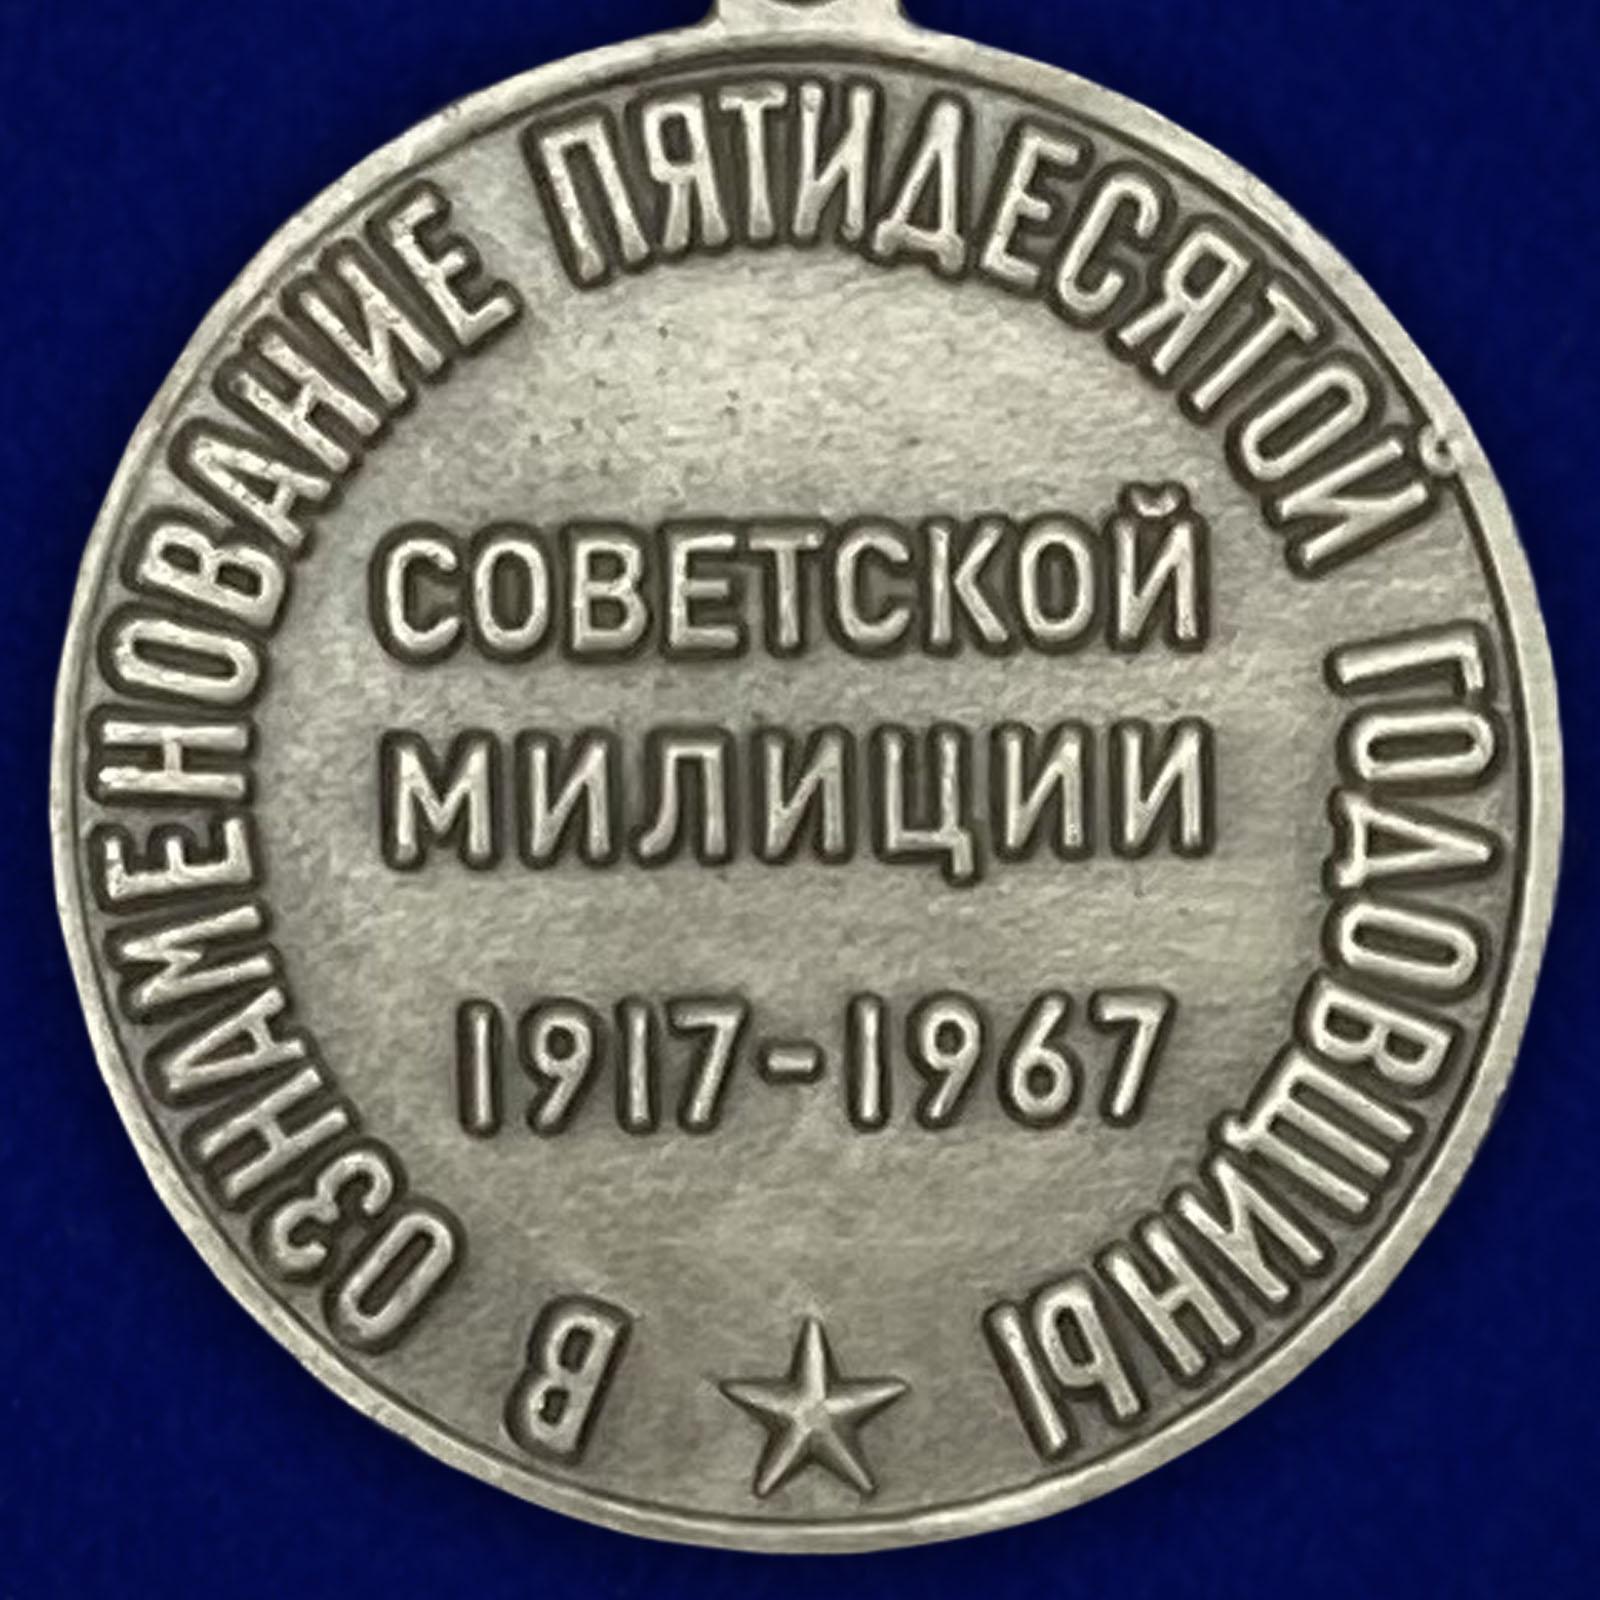 """Купить медаль """"50 лет советской милиции"""""""